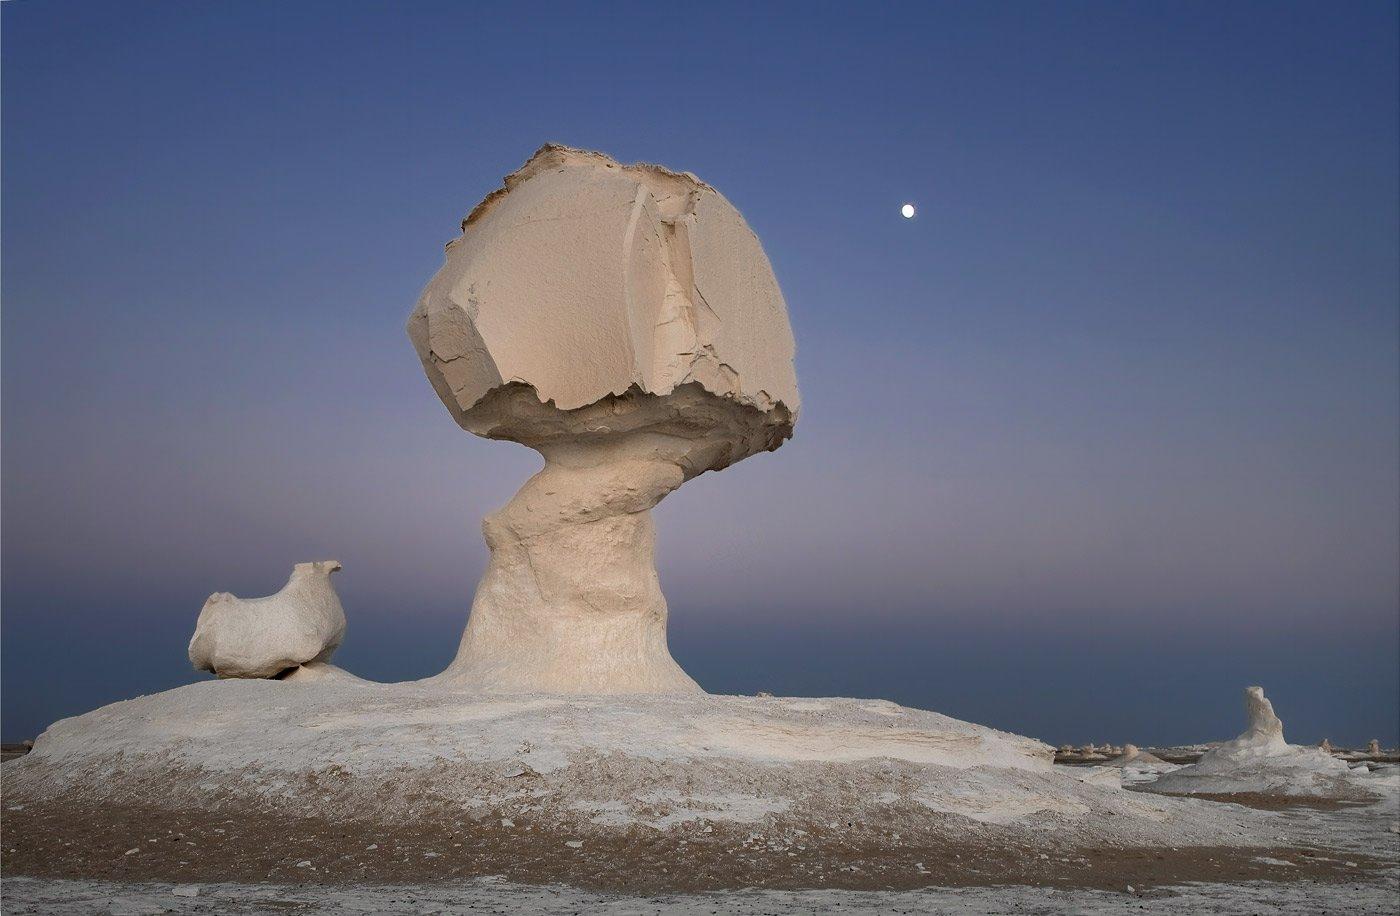 White Desert, Egypt - dusk